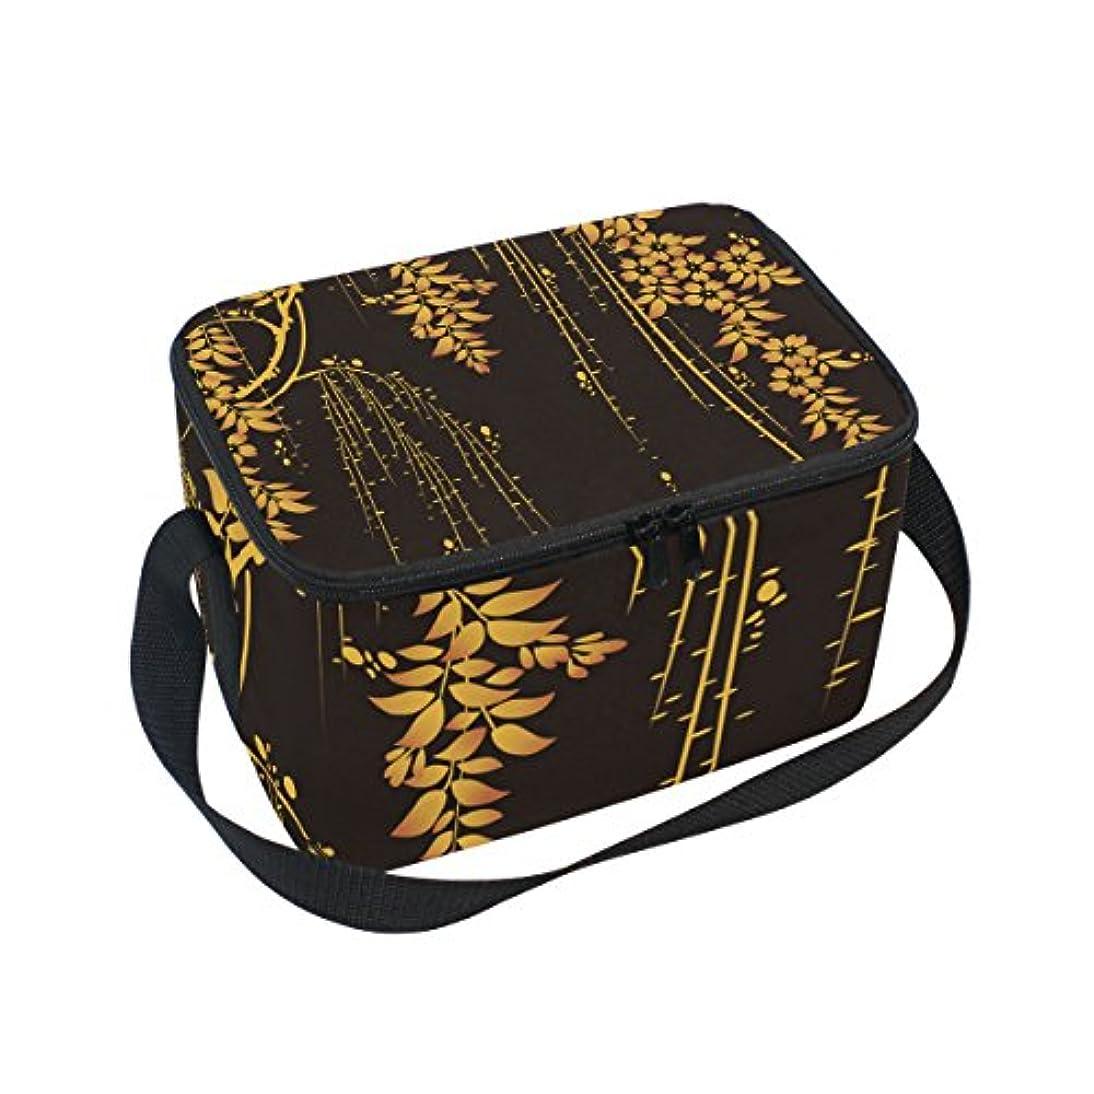 プレーヤー手錠カブクーラーバッグ クーラーボックス ソフトクーラ 冷蔵ボックス キャンプ用品 金色の木 黒背景 保冷保温 大容量 肩掛け お花見 アウトドア